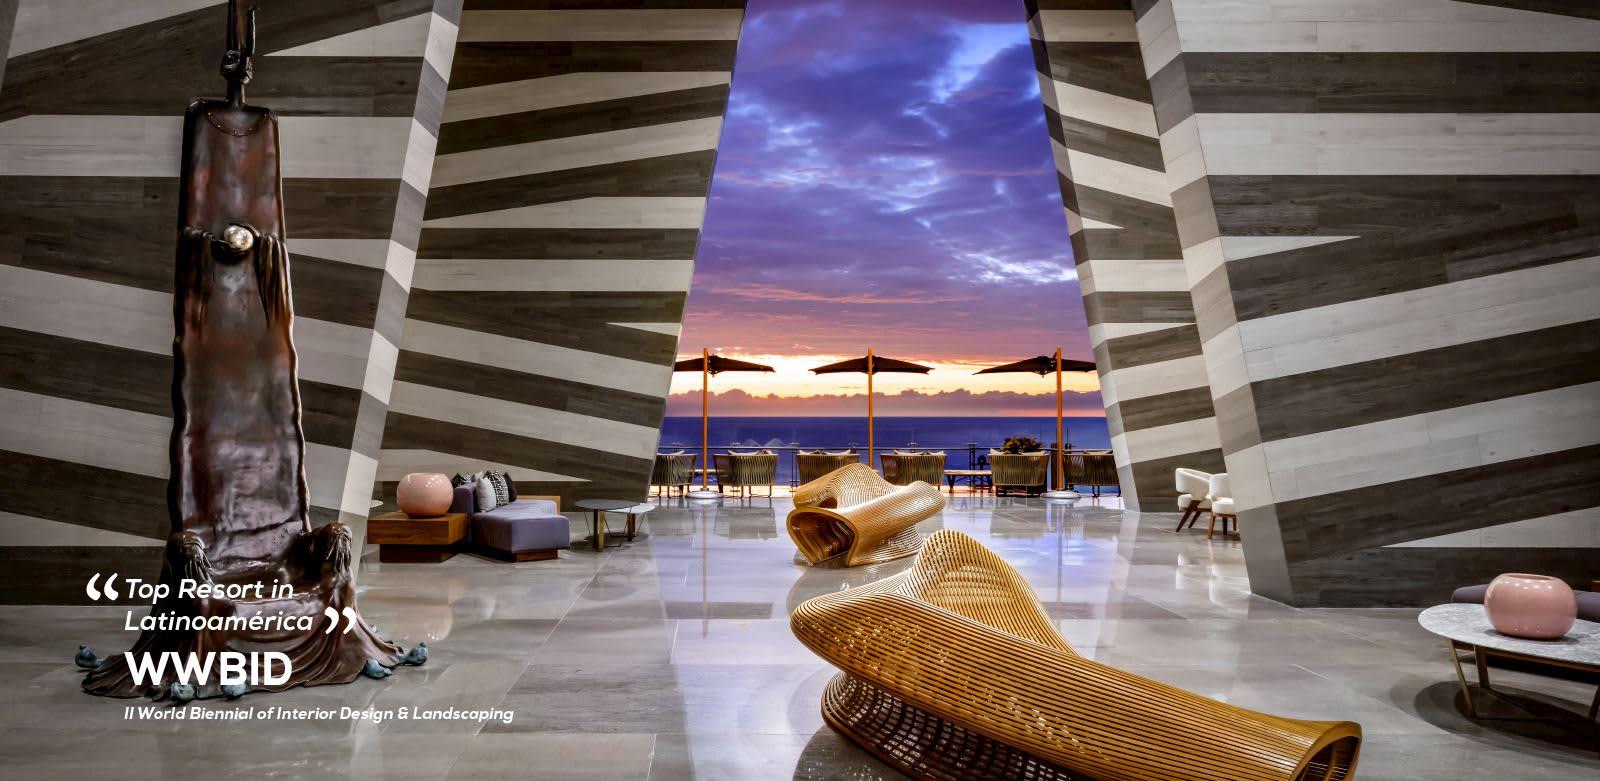 Top Resort in Latinoamerica Grand Velas Los Cabos